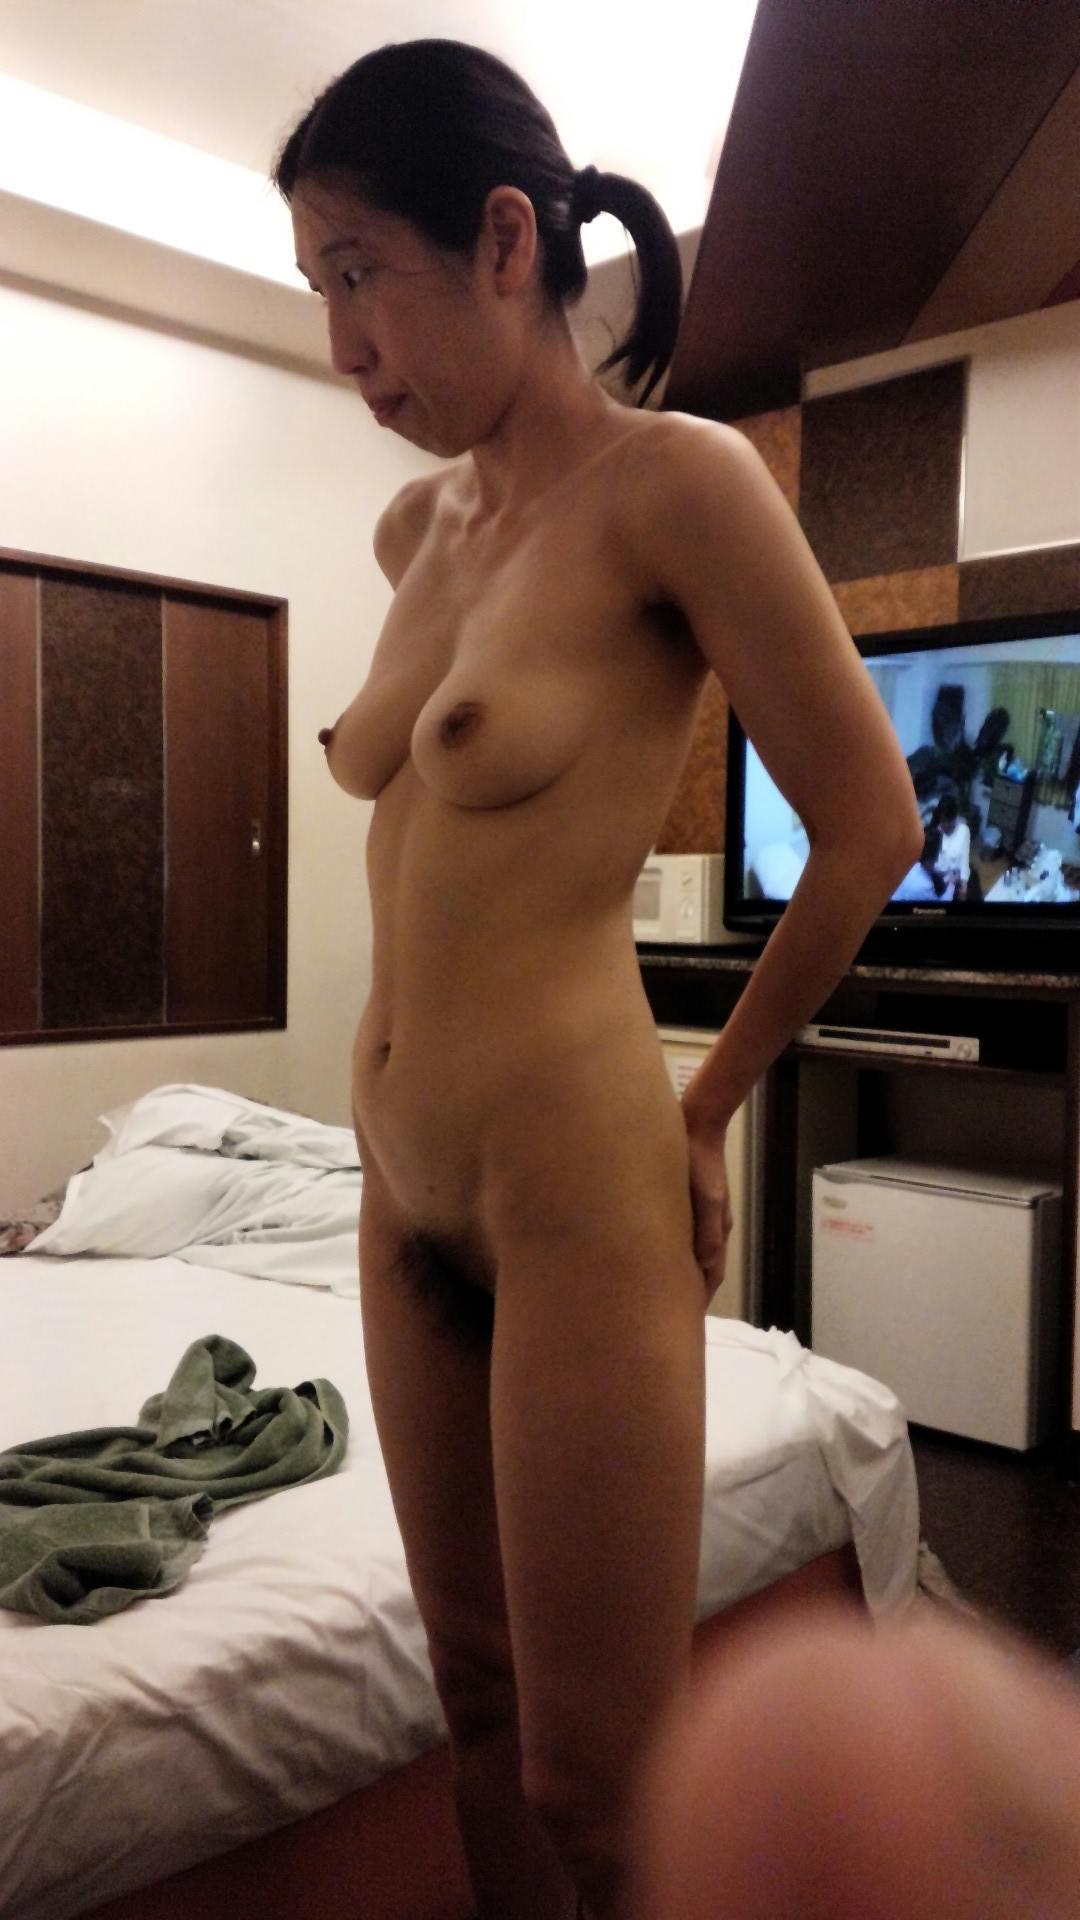 50代熟女でも衰えないセクシーボディの全裸エロ画像wwwwwwww 3006